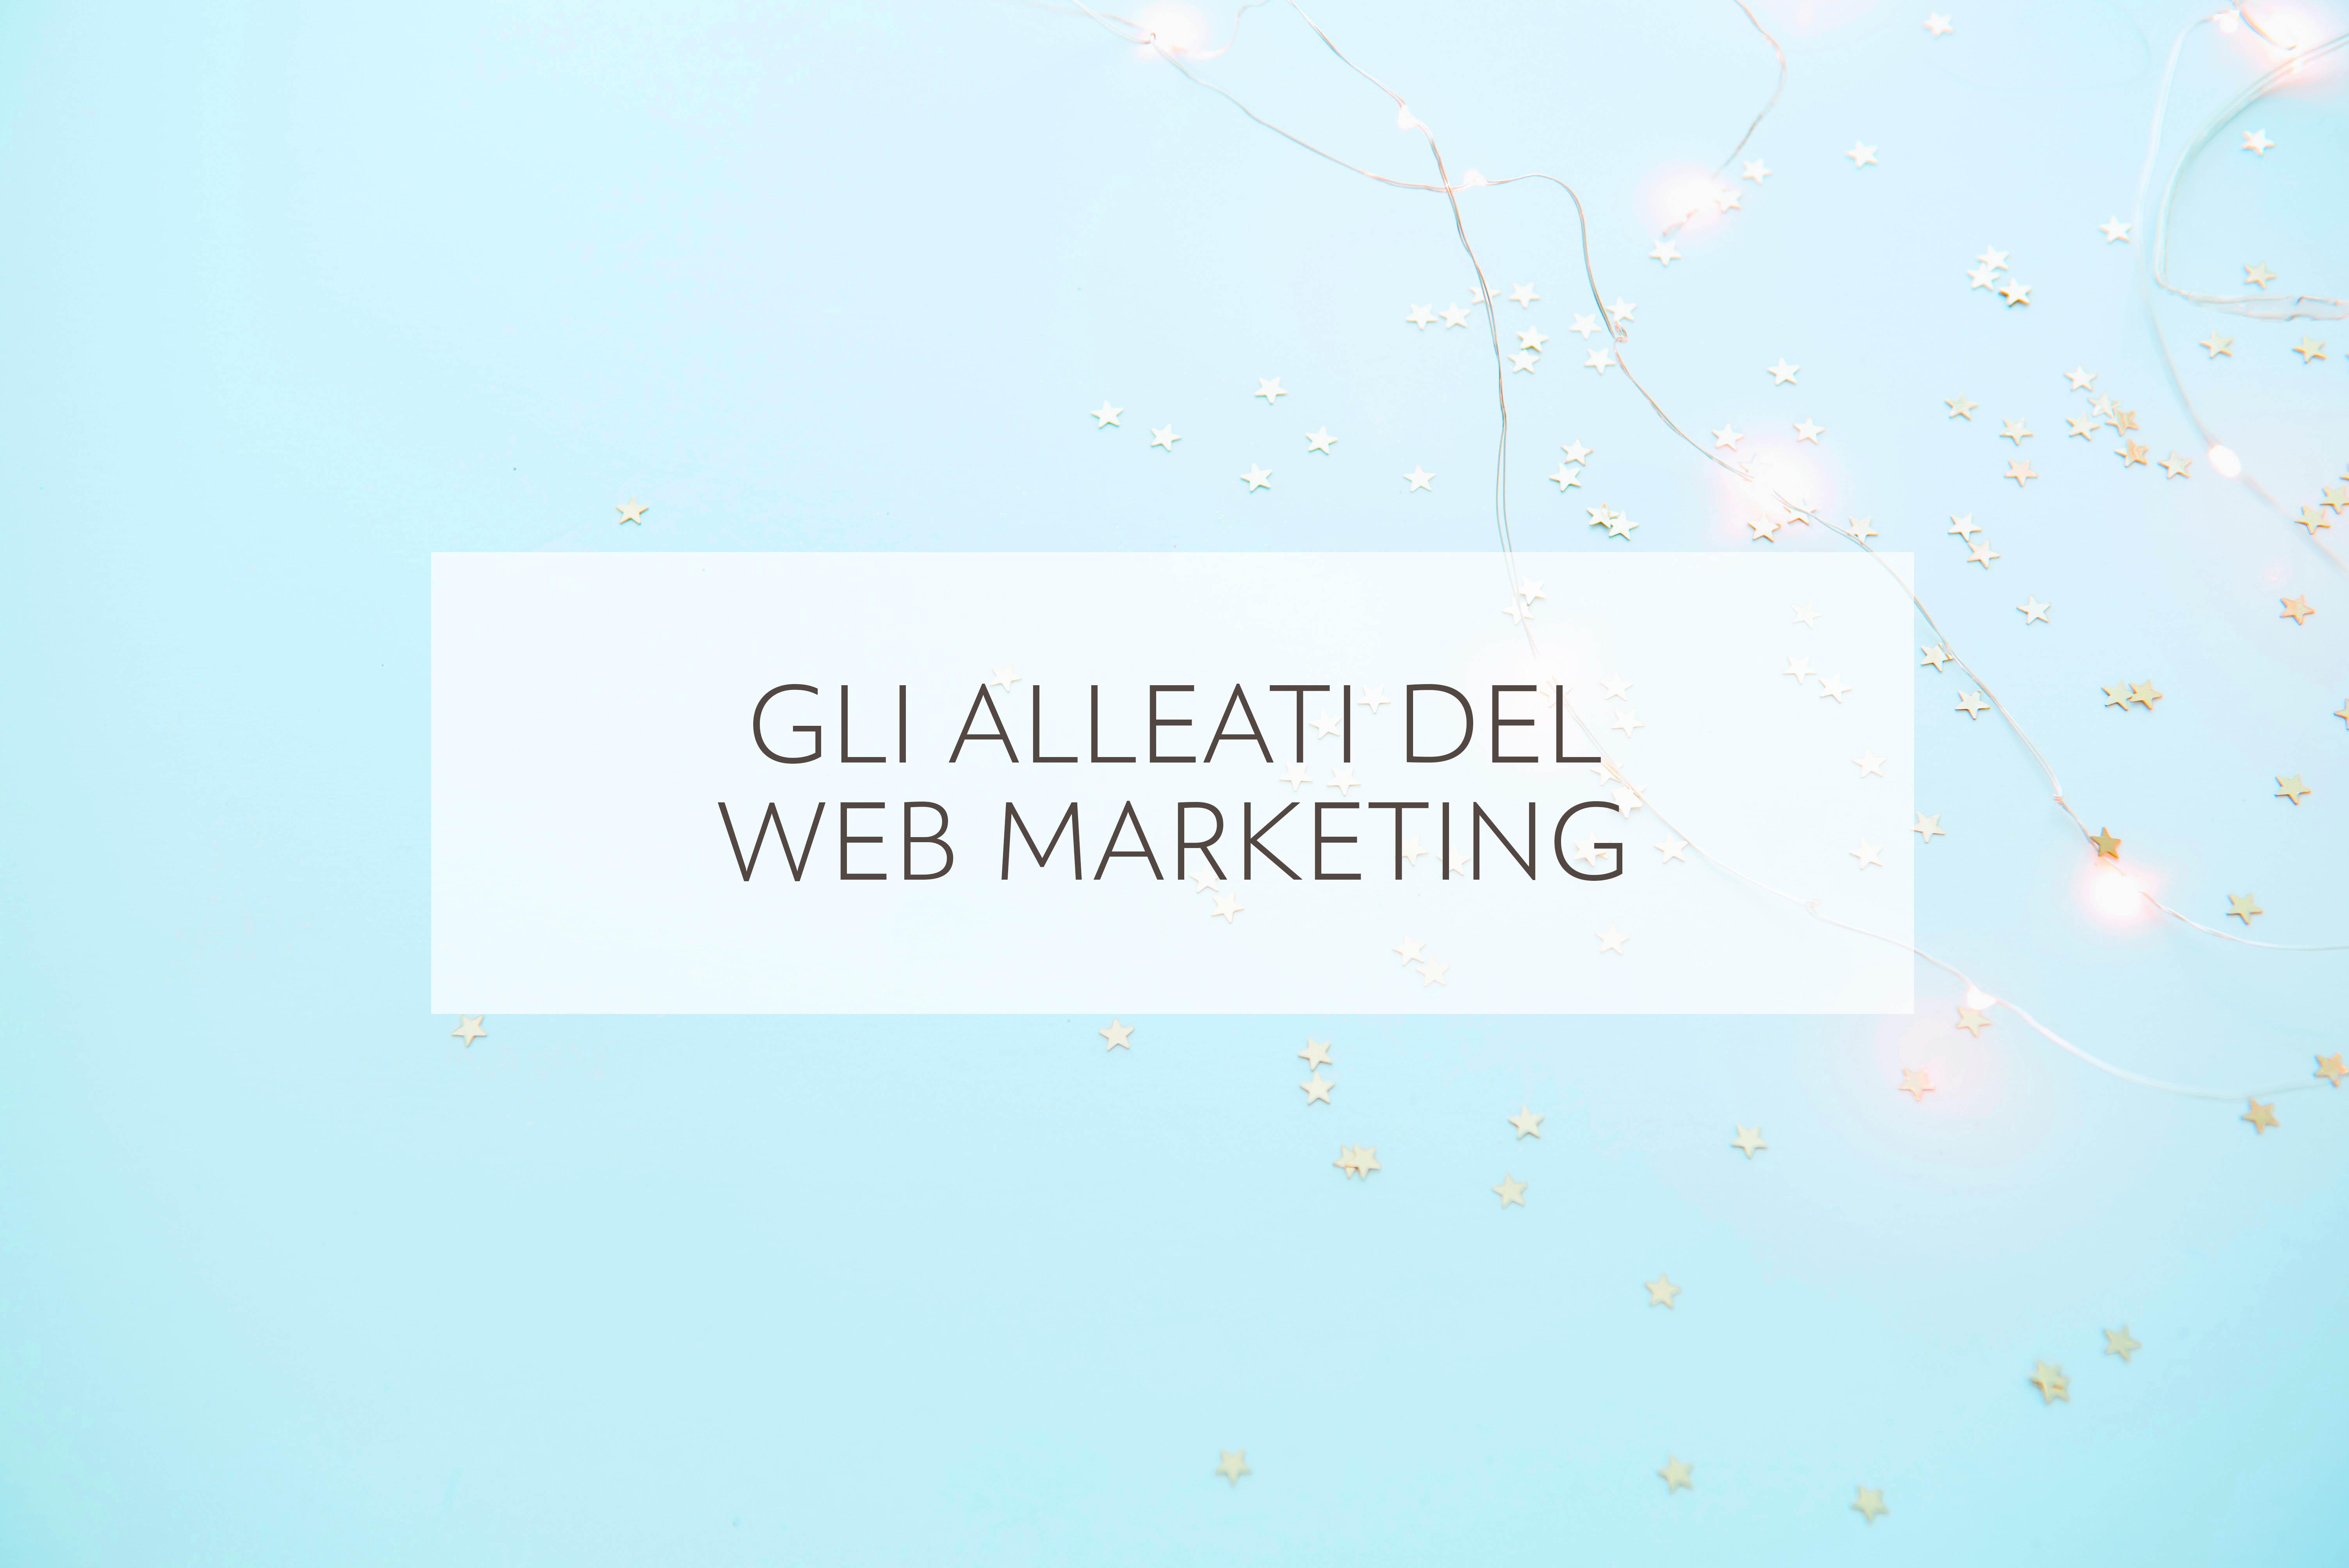 Gli alleati del web marketing